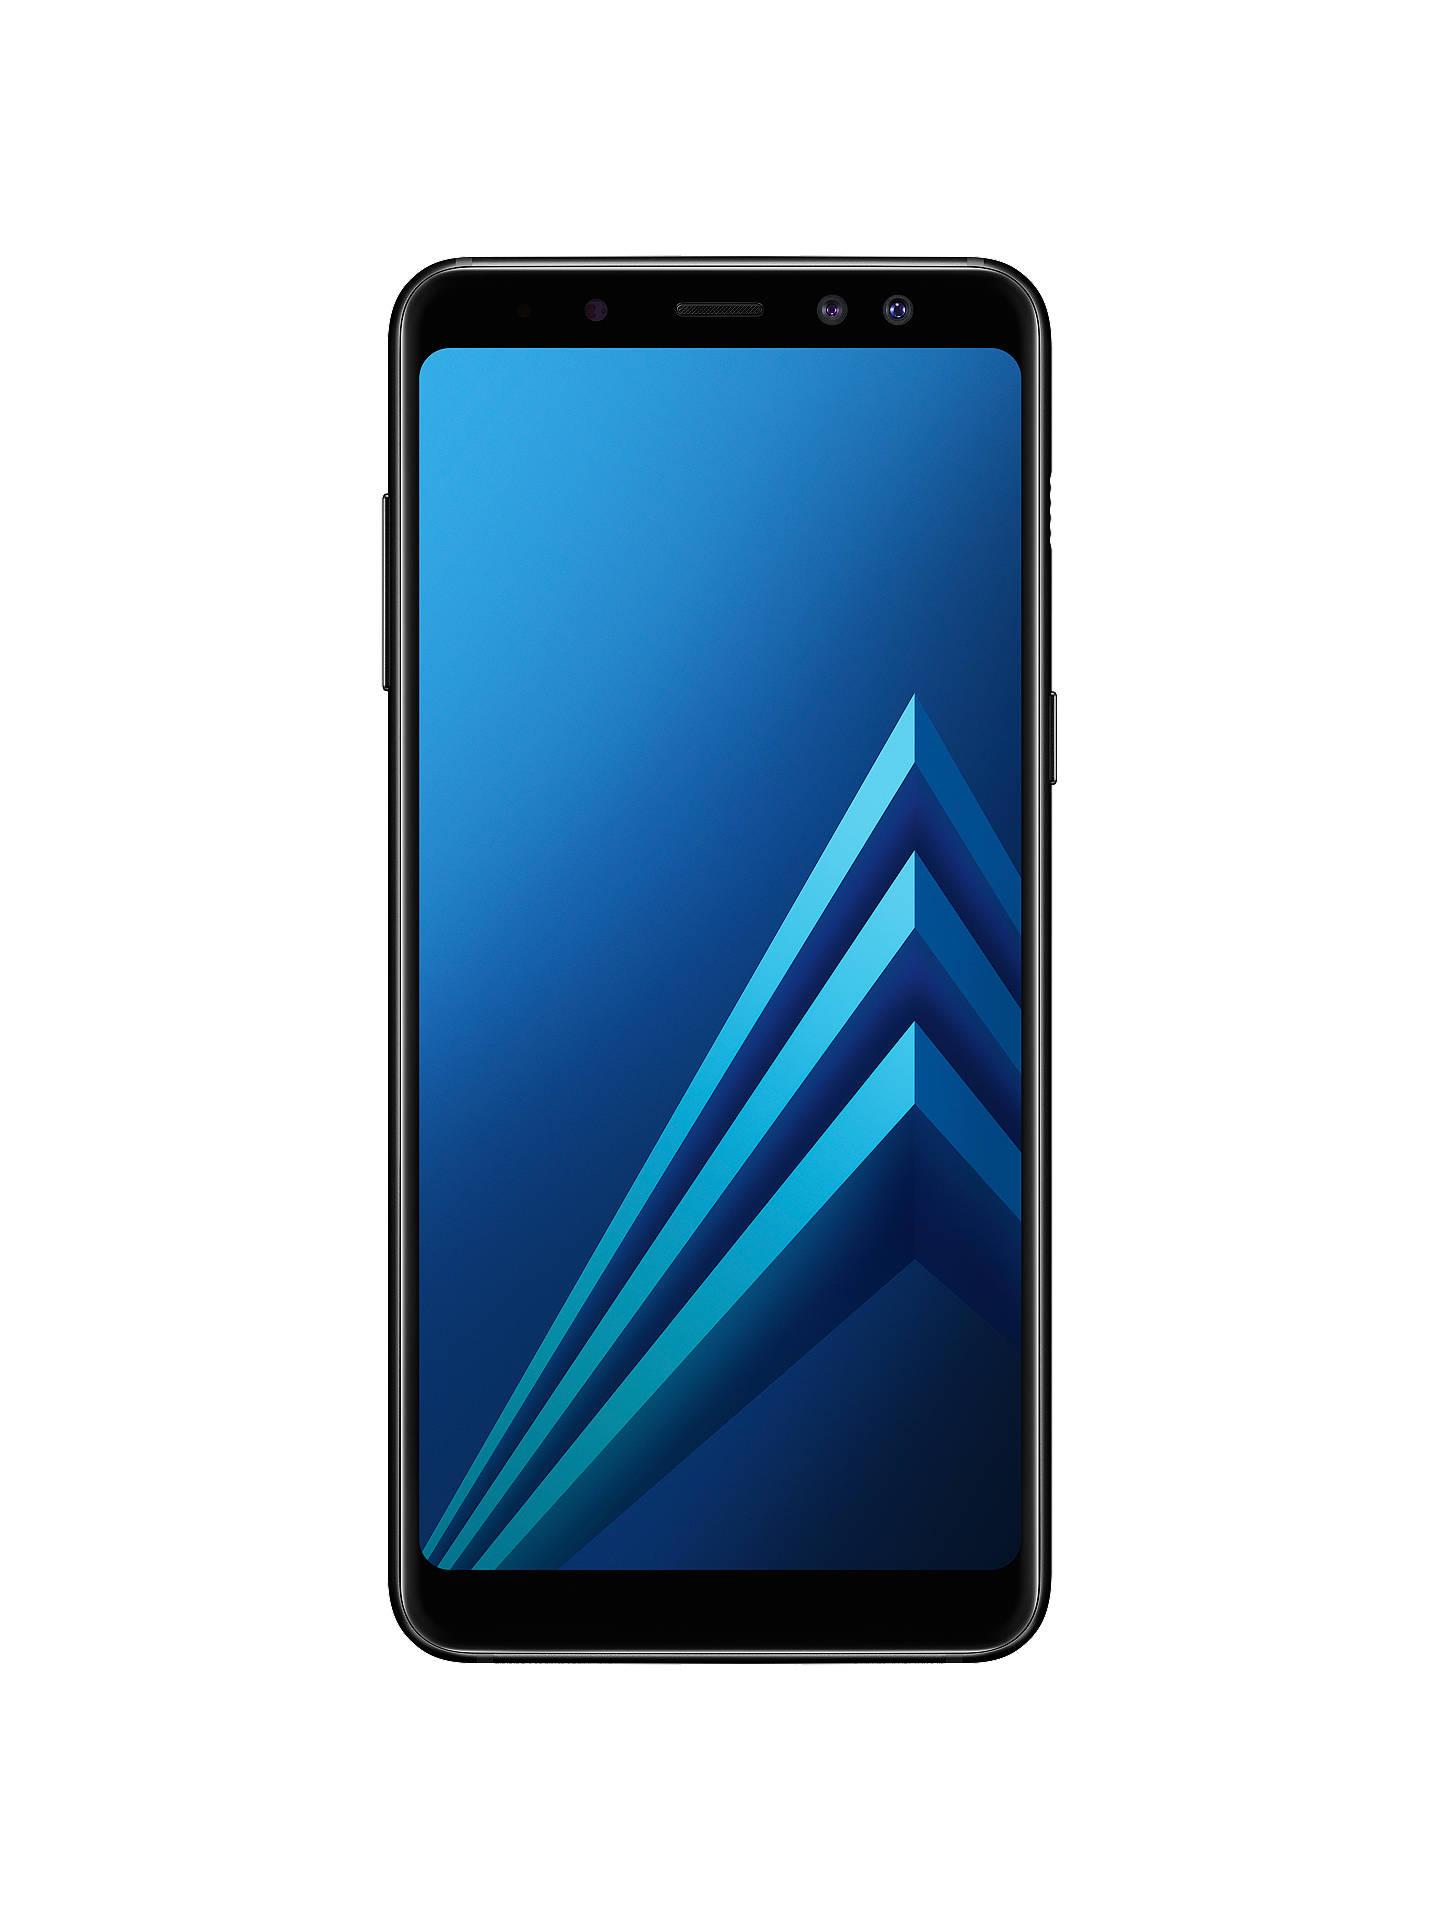 ff59d4c464 Buy Samsung Galaxy A8 Smartphone